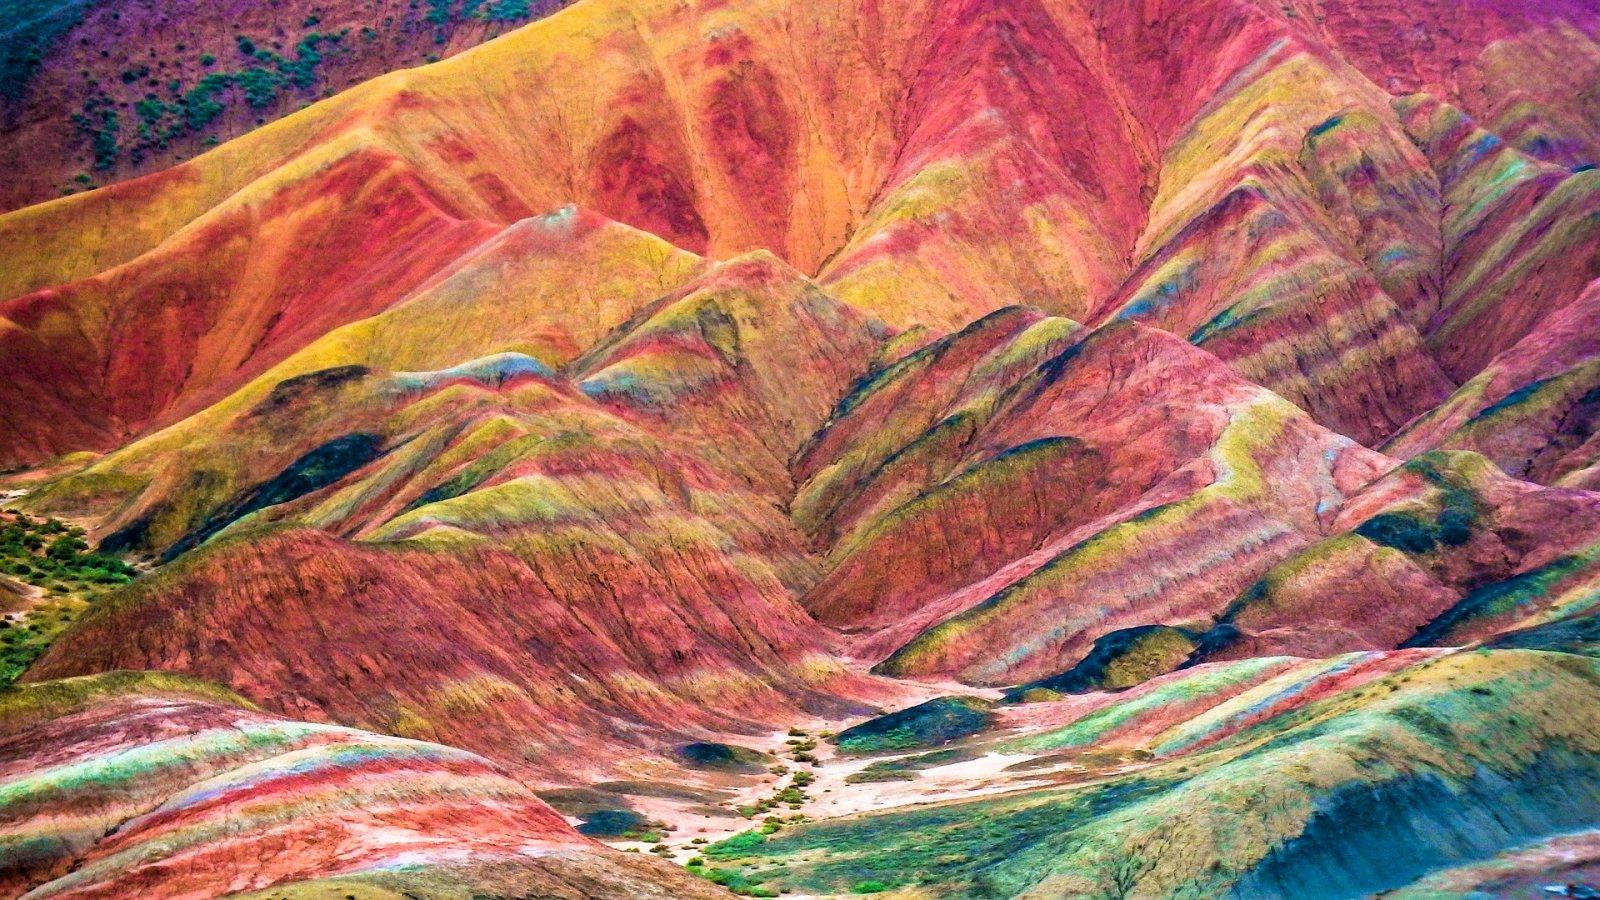 Las curiosas montañas de colores del Parque Geológico Zhangye Danxia.